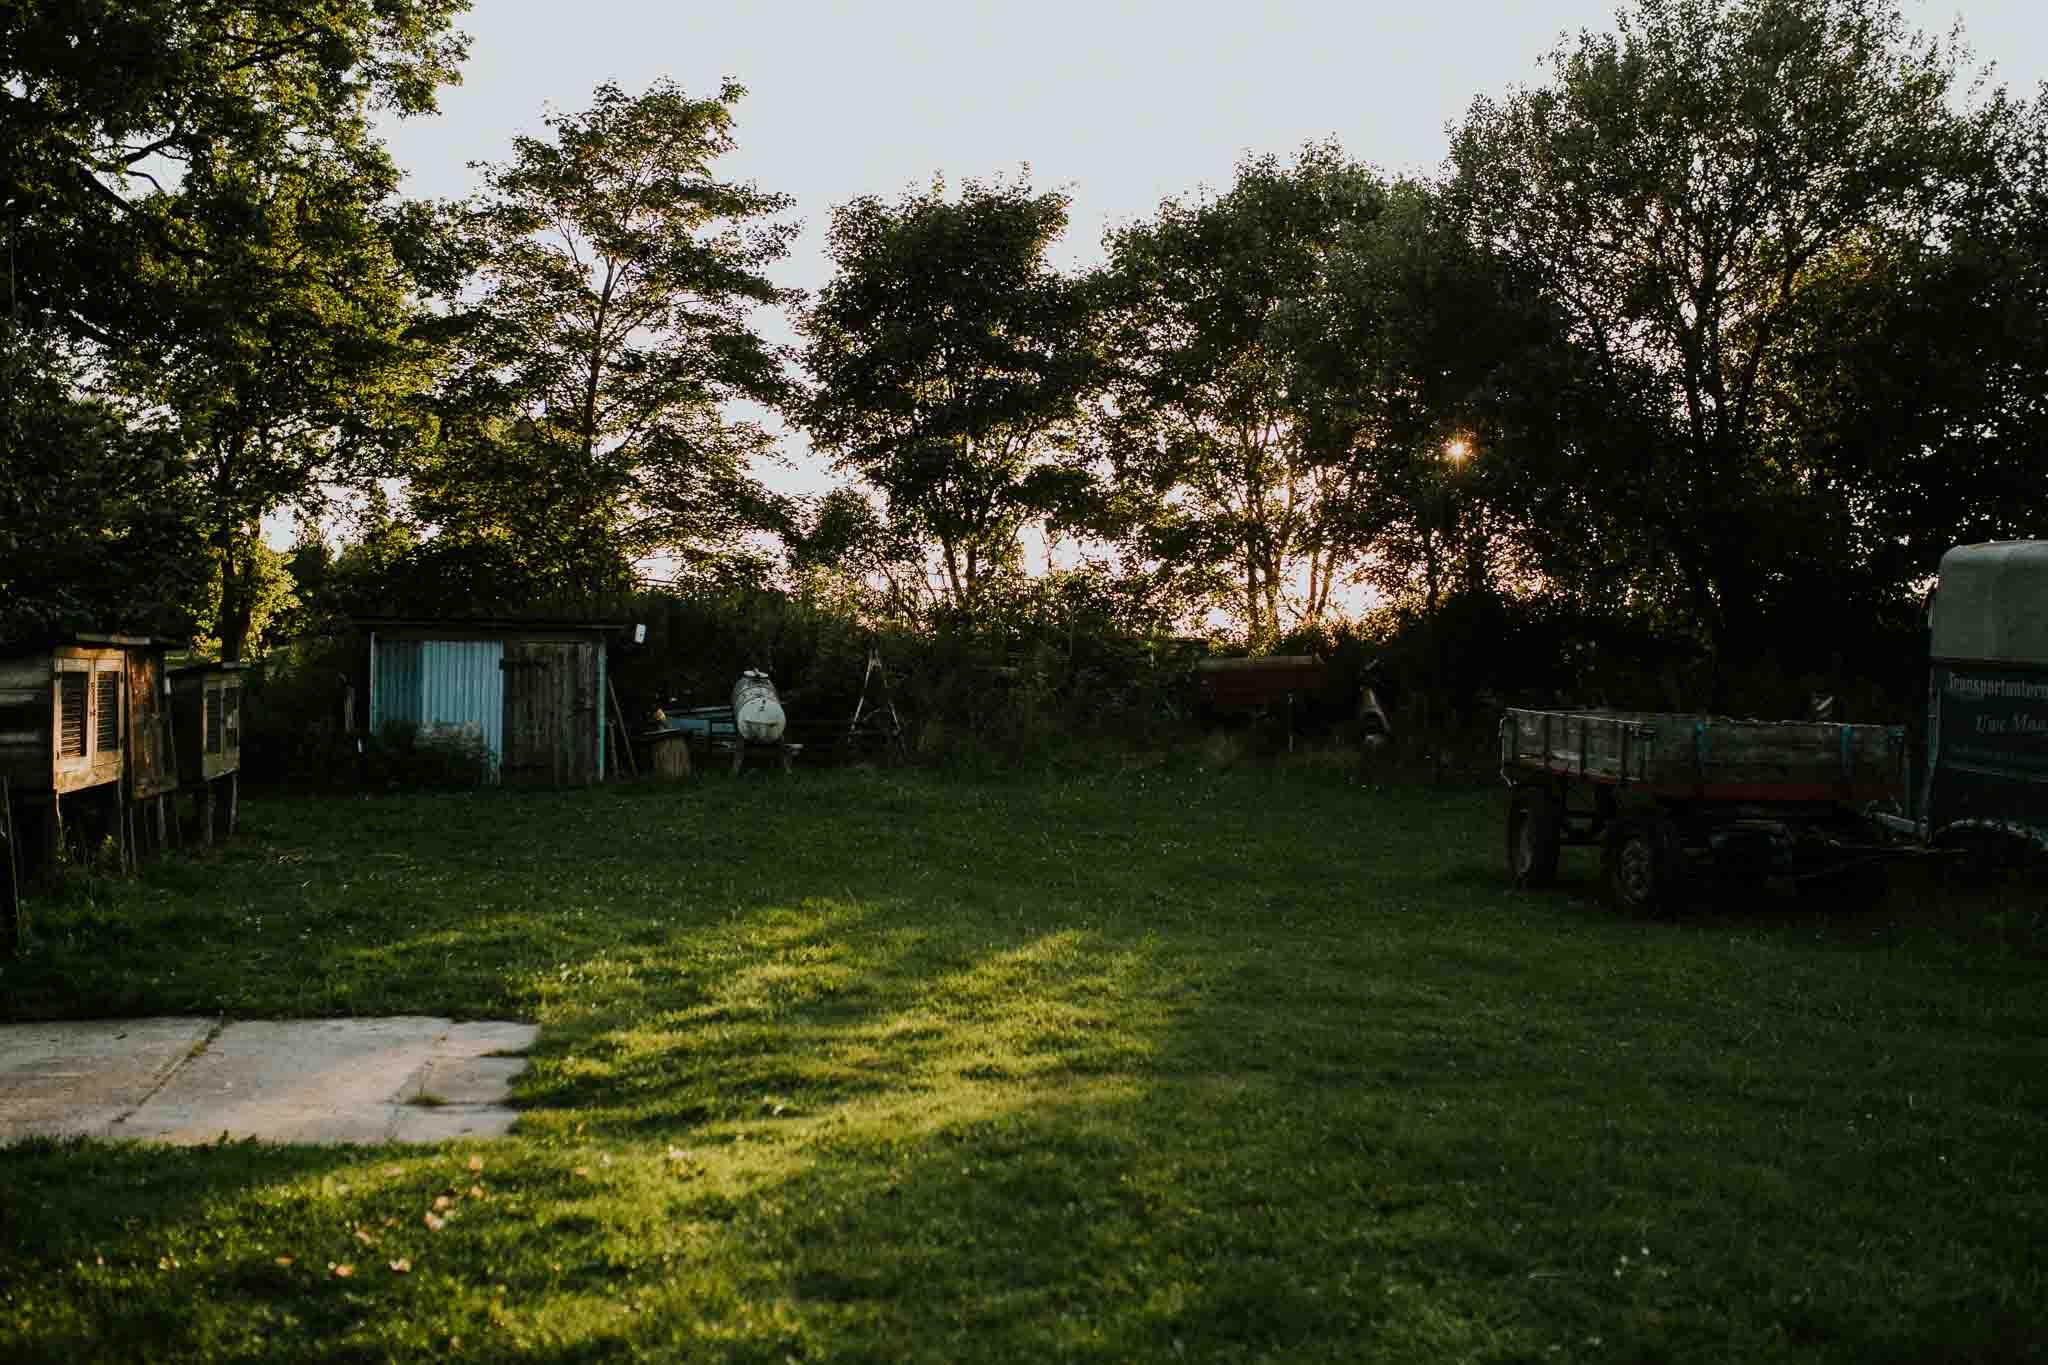 Garten in Mecklenburg-Vorpommern im Sonnenuntergang